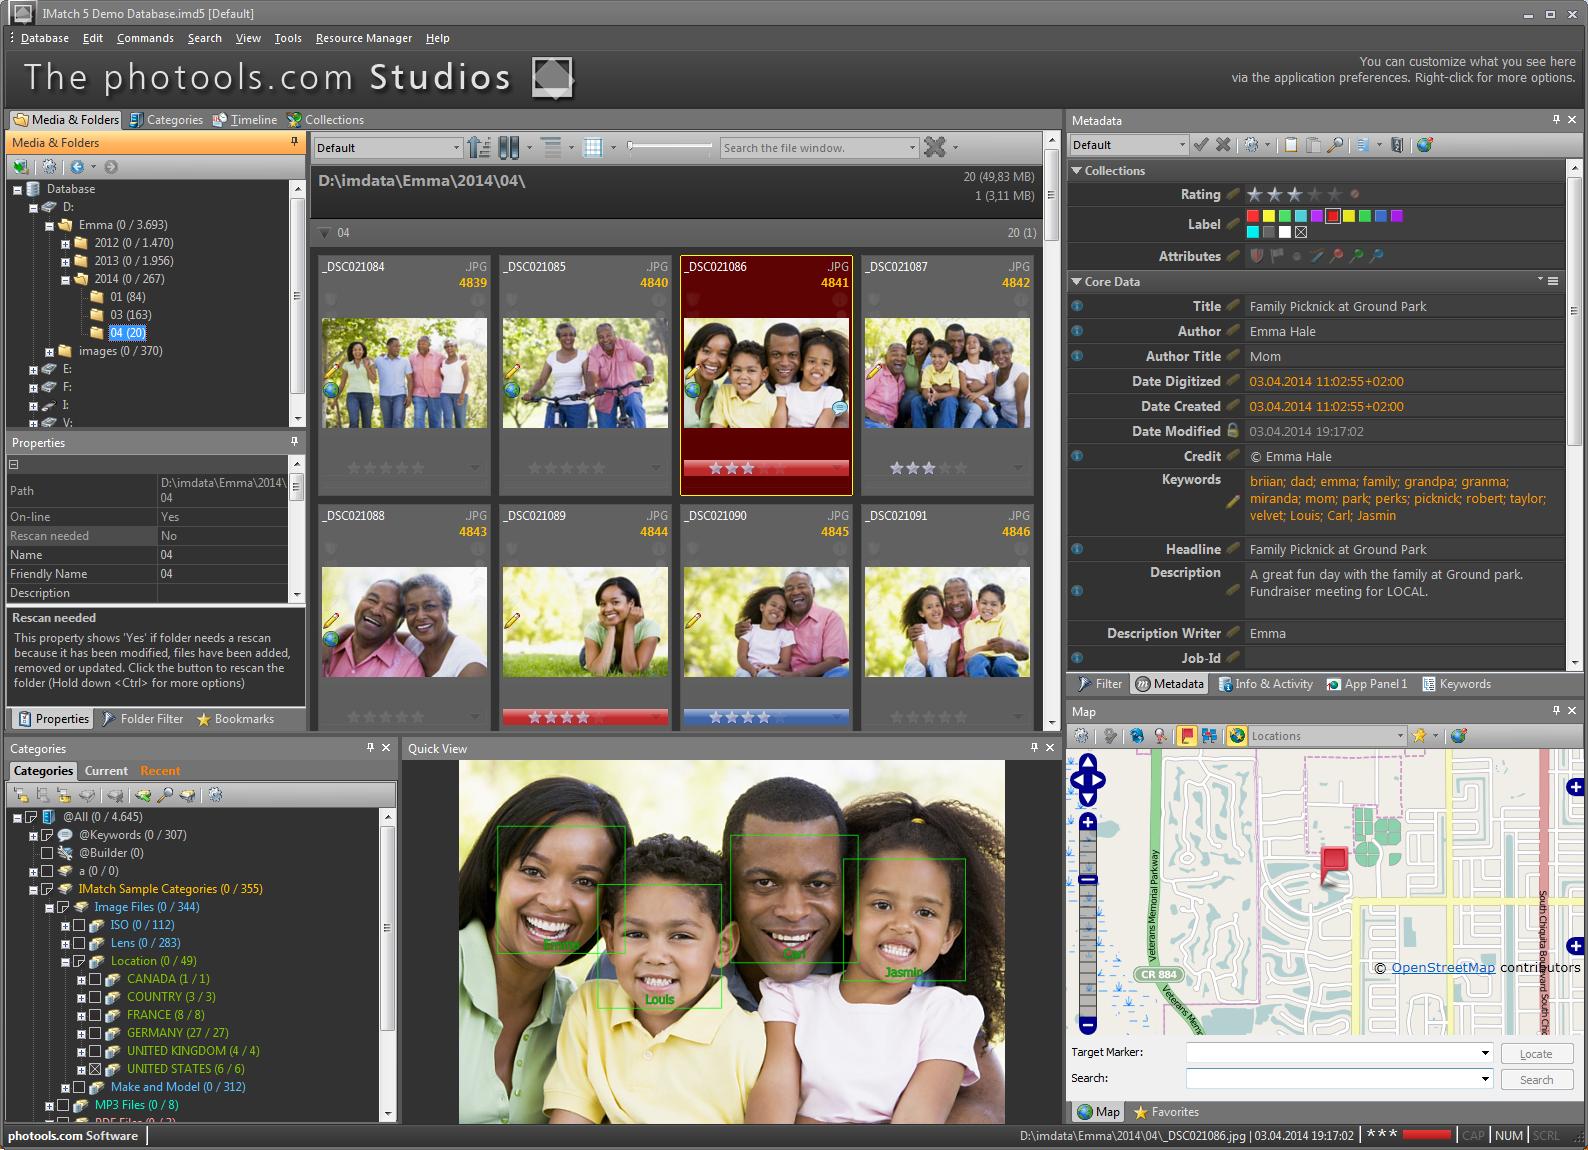 Face annotation tool, Imatch 5, metadata, Photools.com